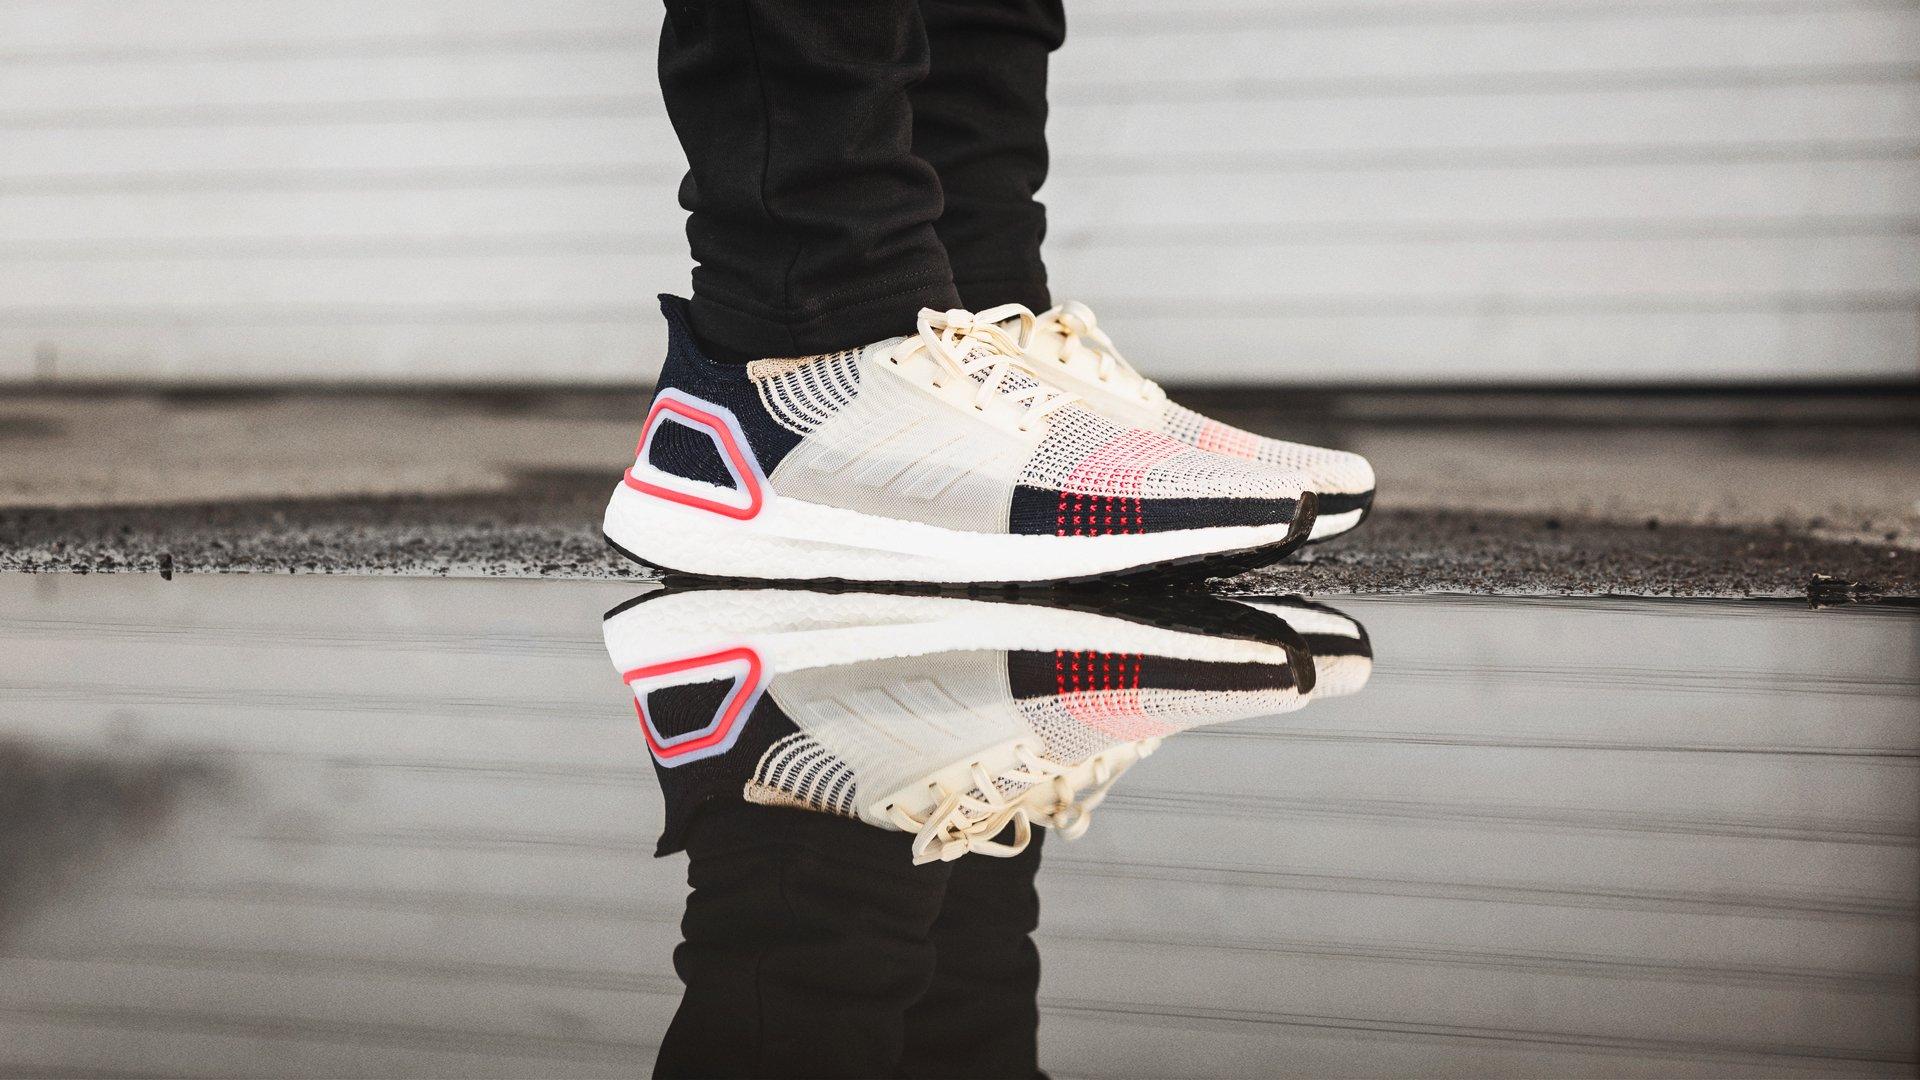 Chaussures Unisport 19Nouvelles Découvrir Adidas Boost Sur Ultra À thsrCQd